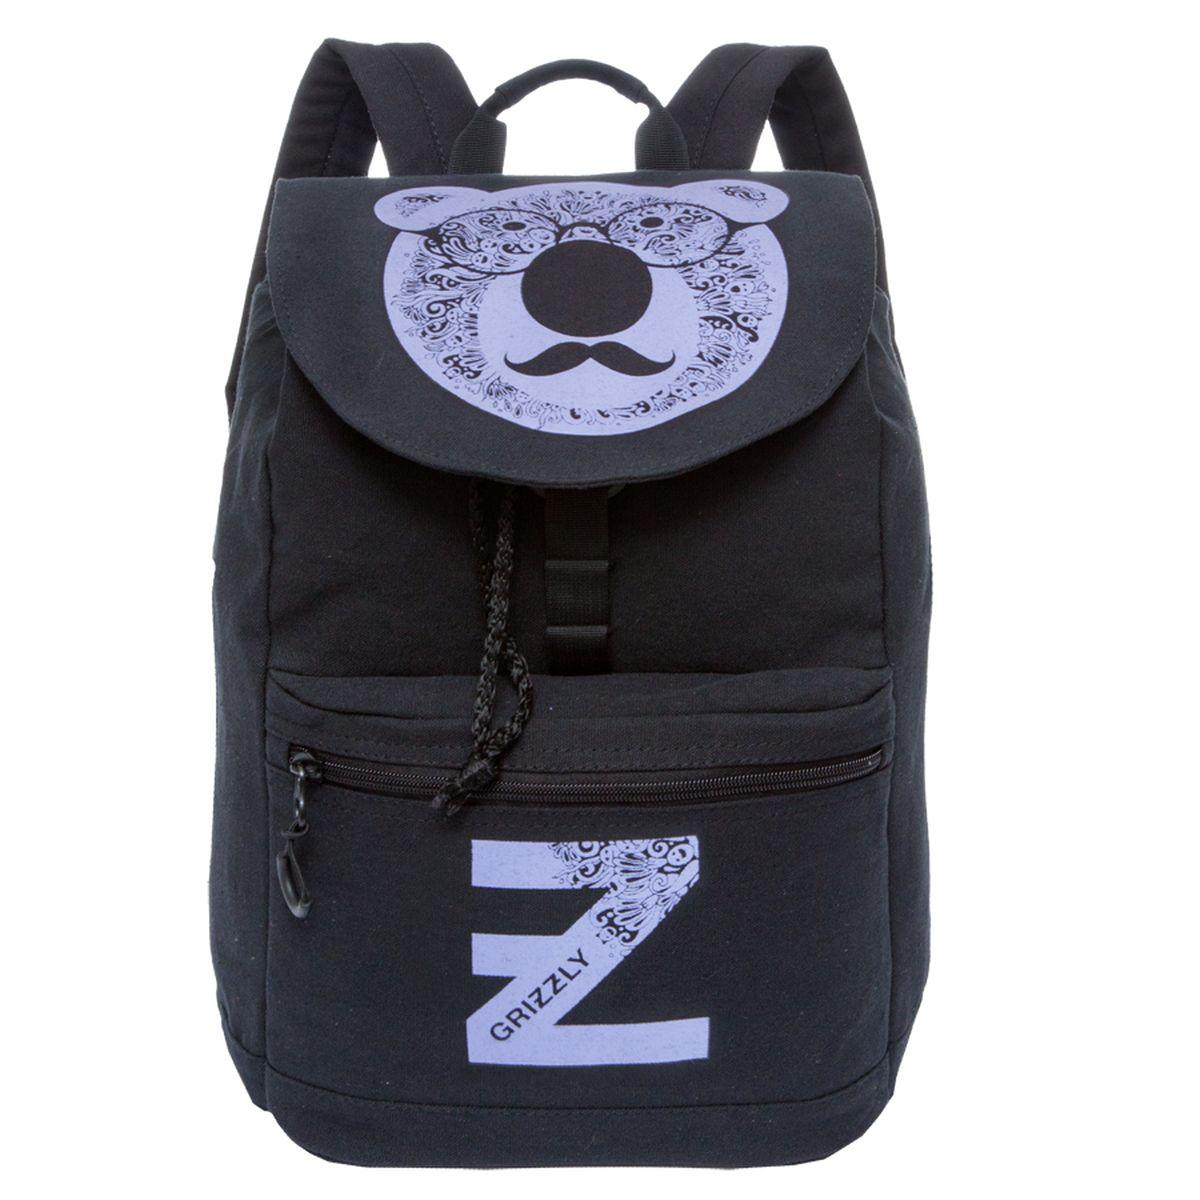 Рюкзак молодежный Grizzly, цвет: черный-лиловый. 18 л. RD-744-1/3 чемодан grizzly цвет фиолетовый черный 40 л lt 595 20 3